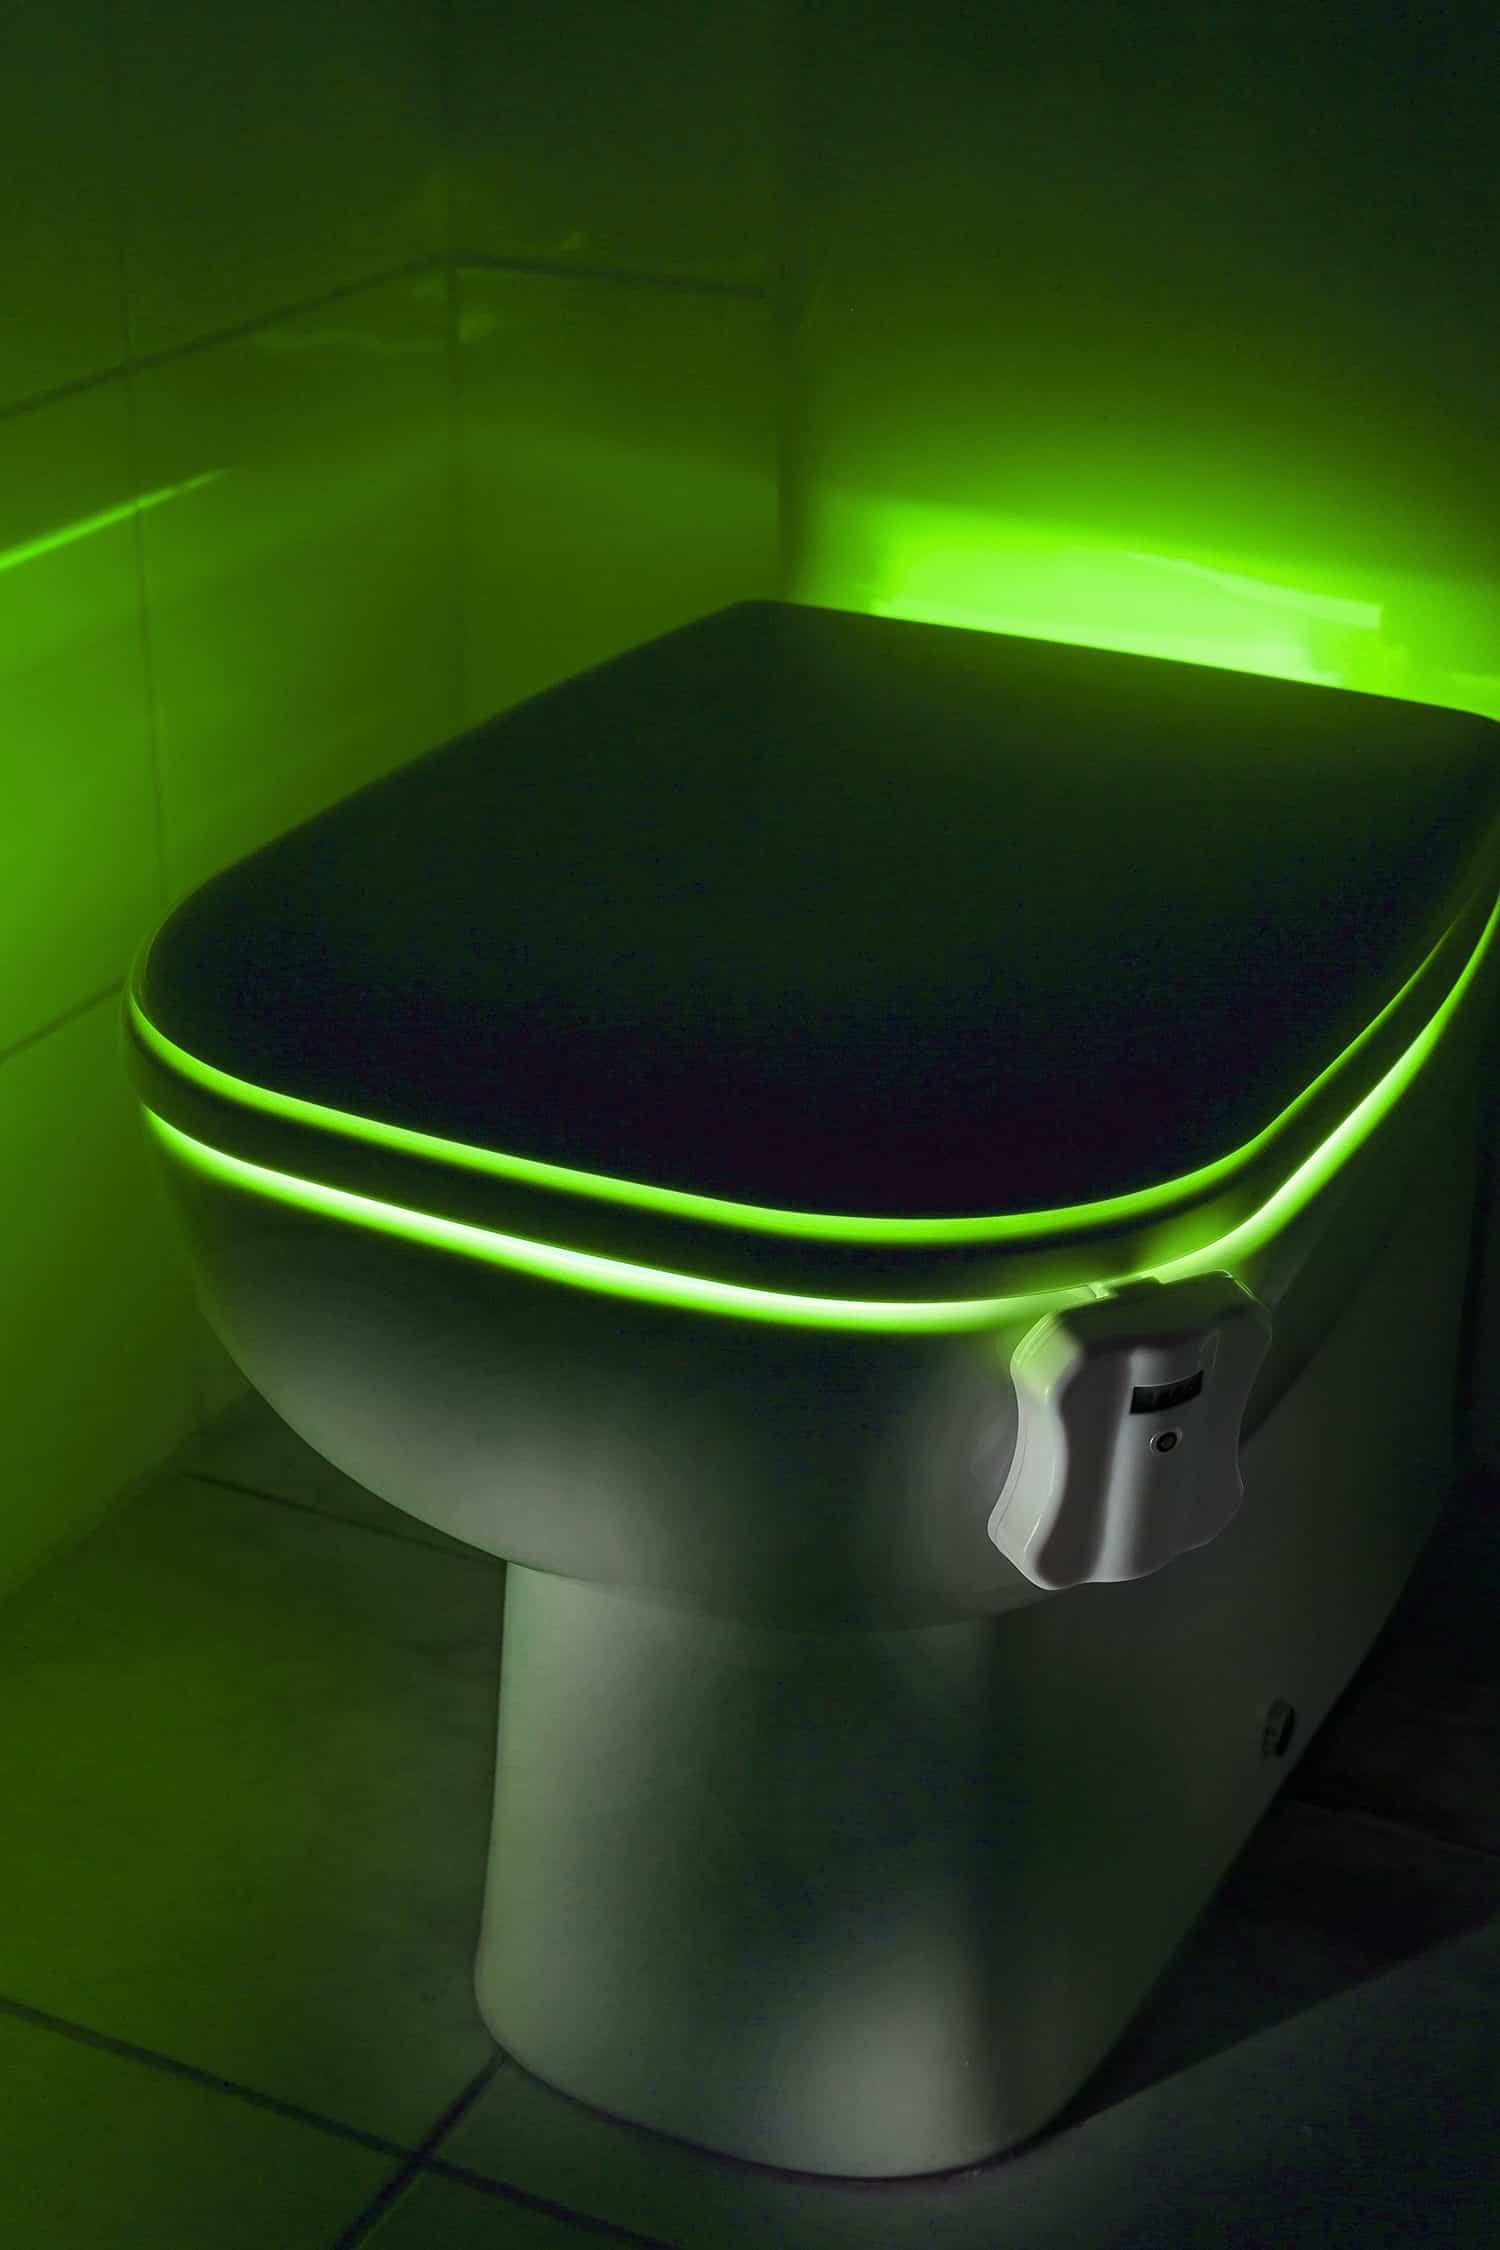 lumi re toilette wc 15 90 super insolite. Black Bedroom Furniture Sets. Home Design Ideas